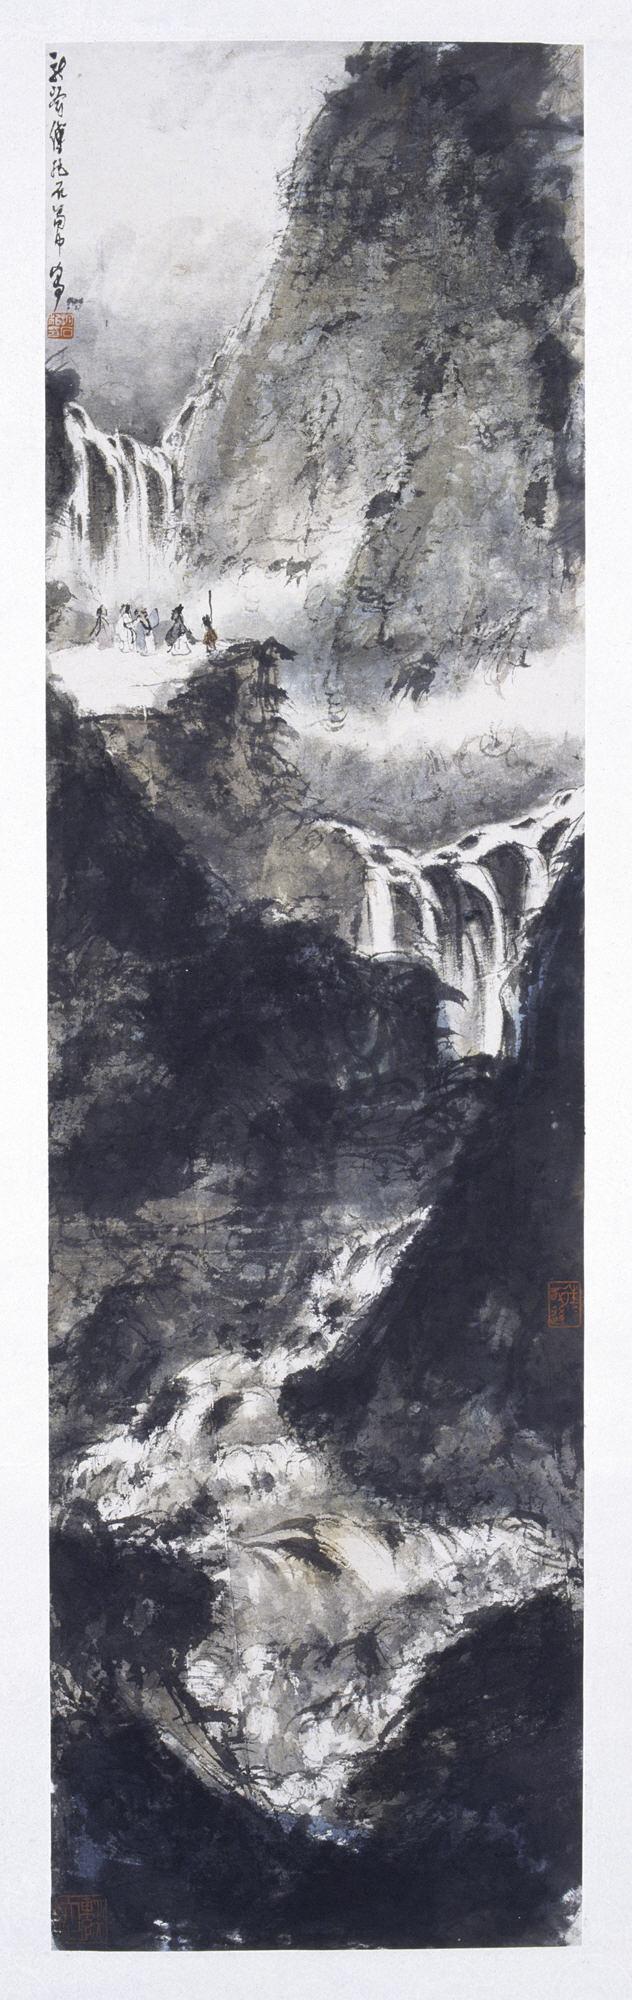 傅抱石 1945年 观瀑图